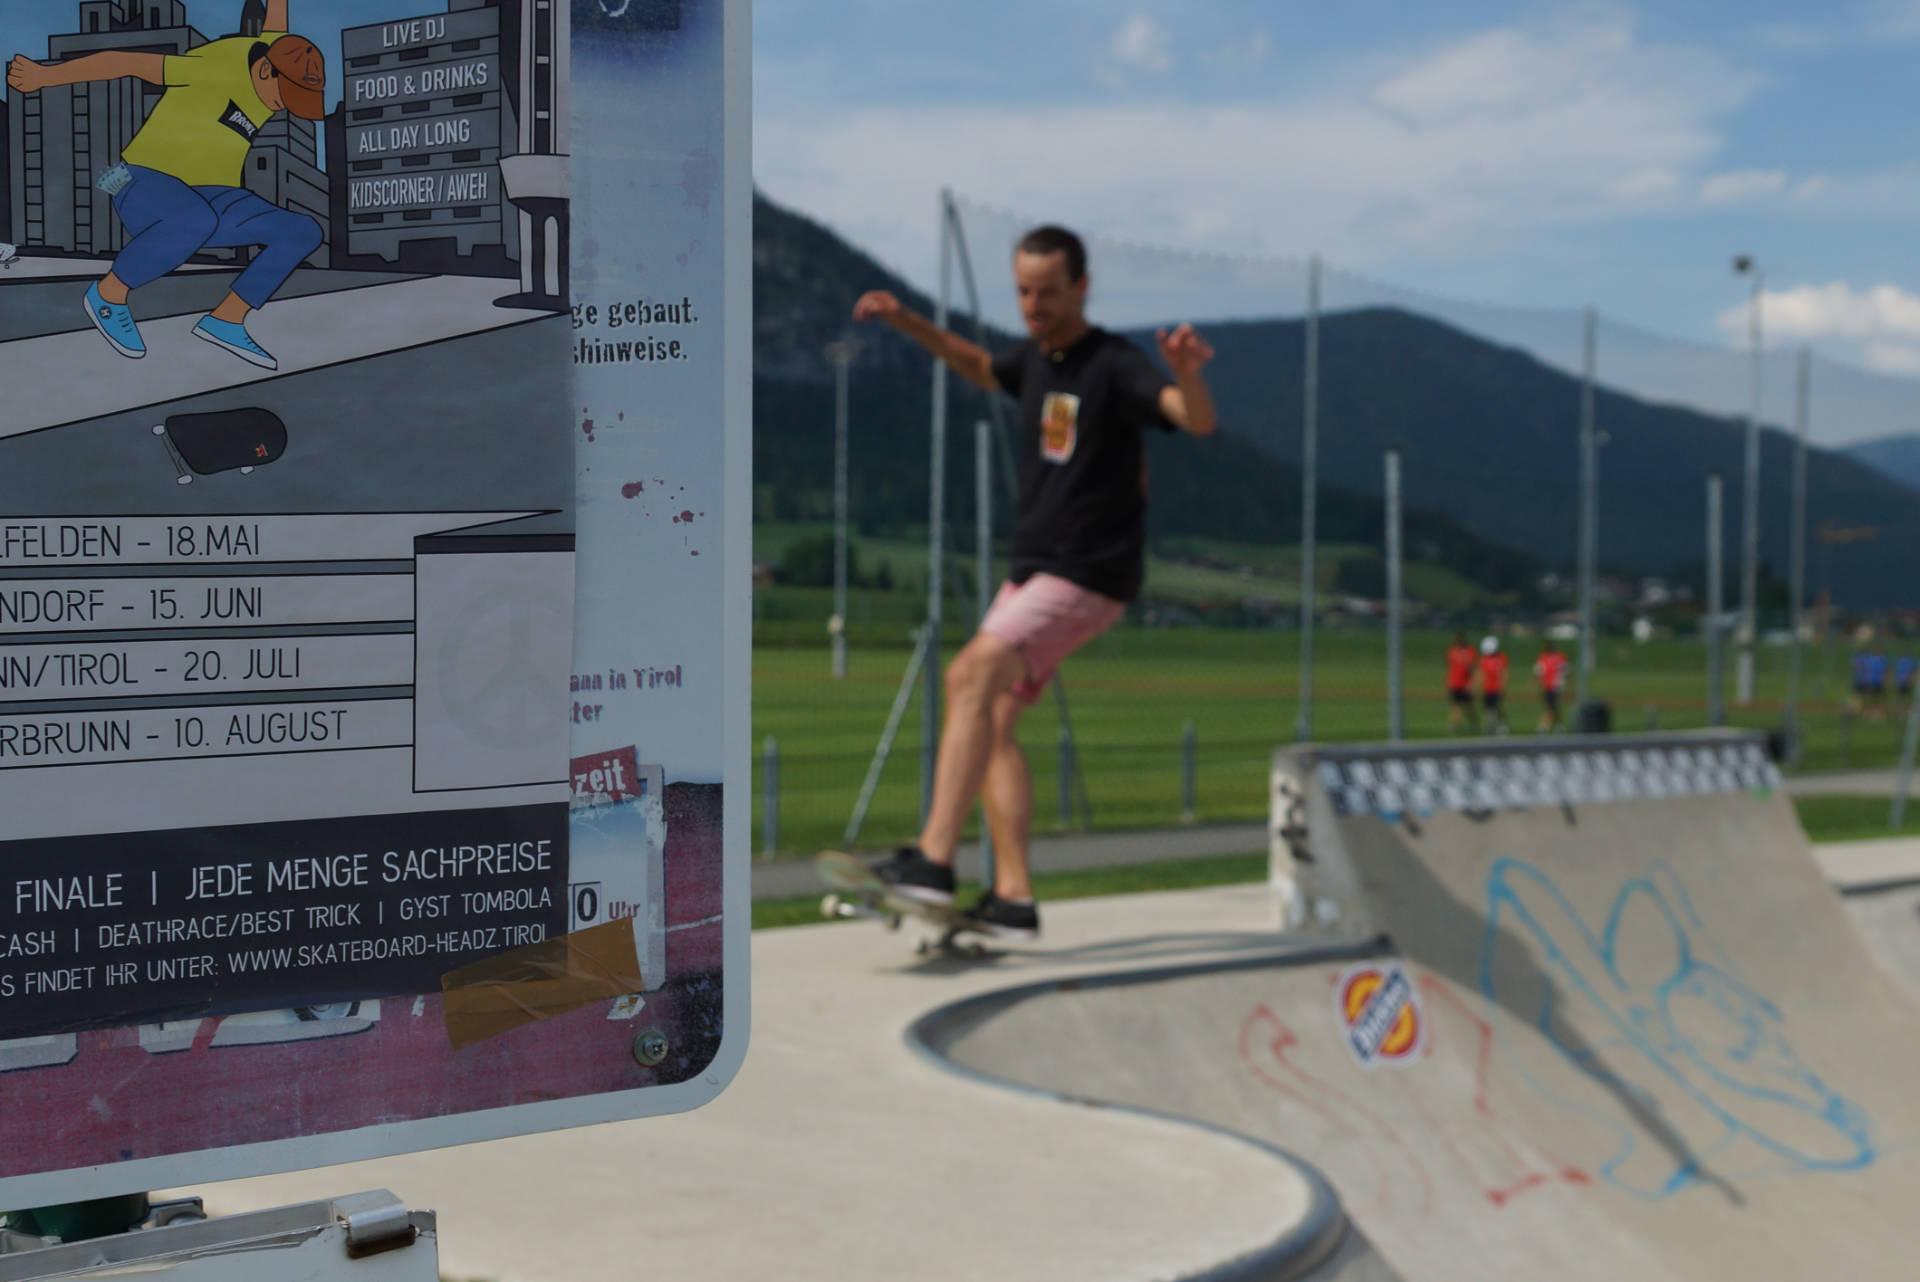 skateboardheadz st johann in tirol kgt 2019 finale 00048